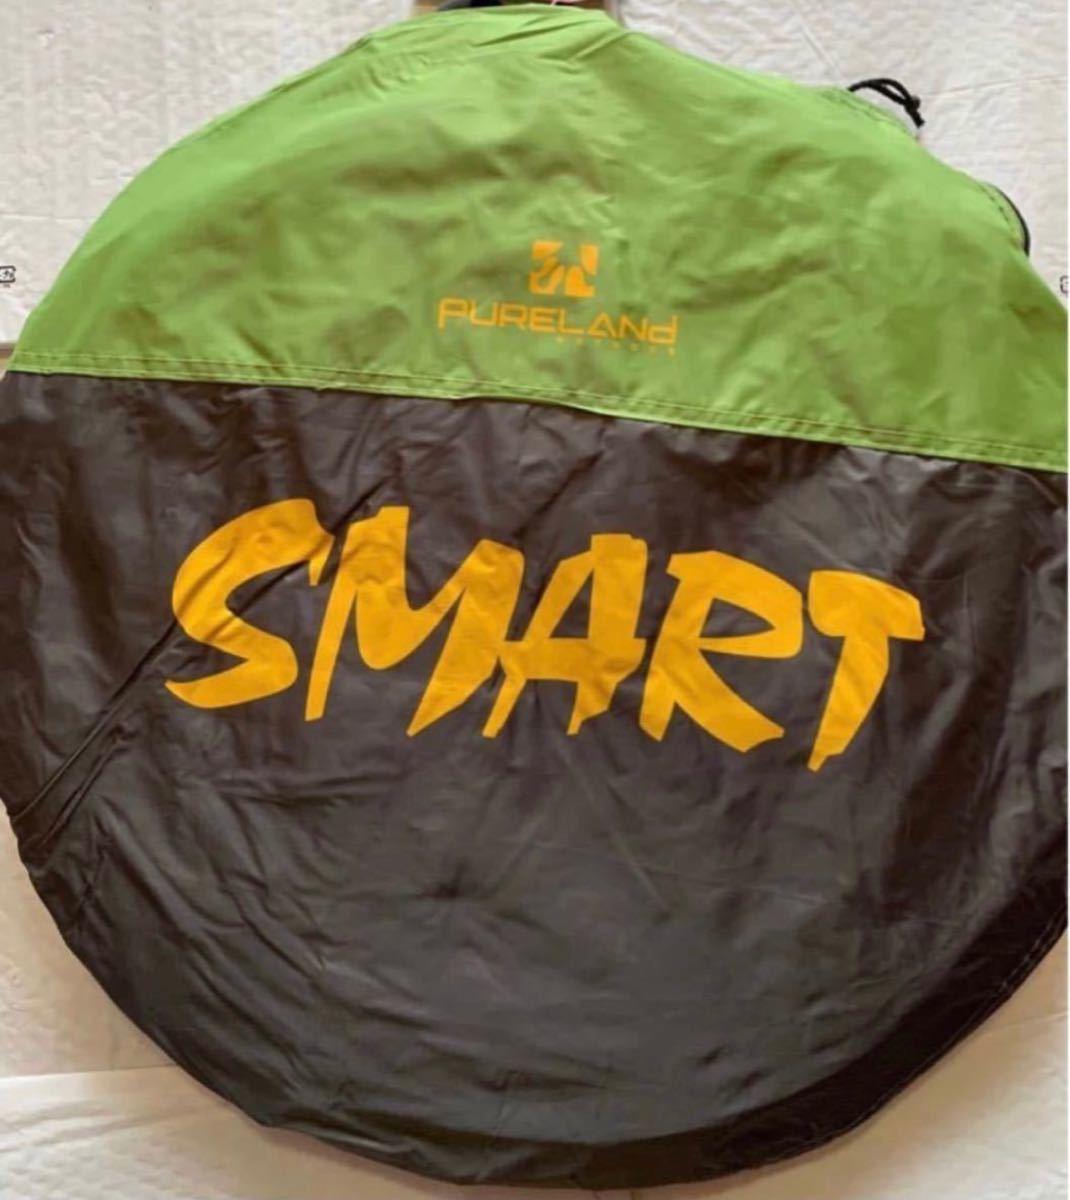 テント 2人用 アウトドア ソロ キャンプテント ワンタッチ 防風防水 設営簡単 折りたたみ 超軽量 防災用 収納袋付き